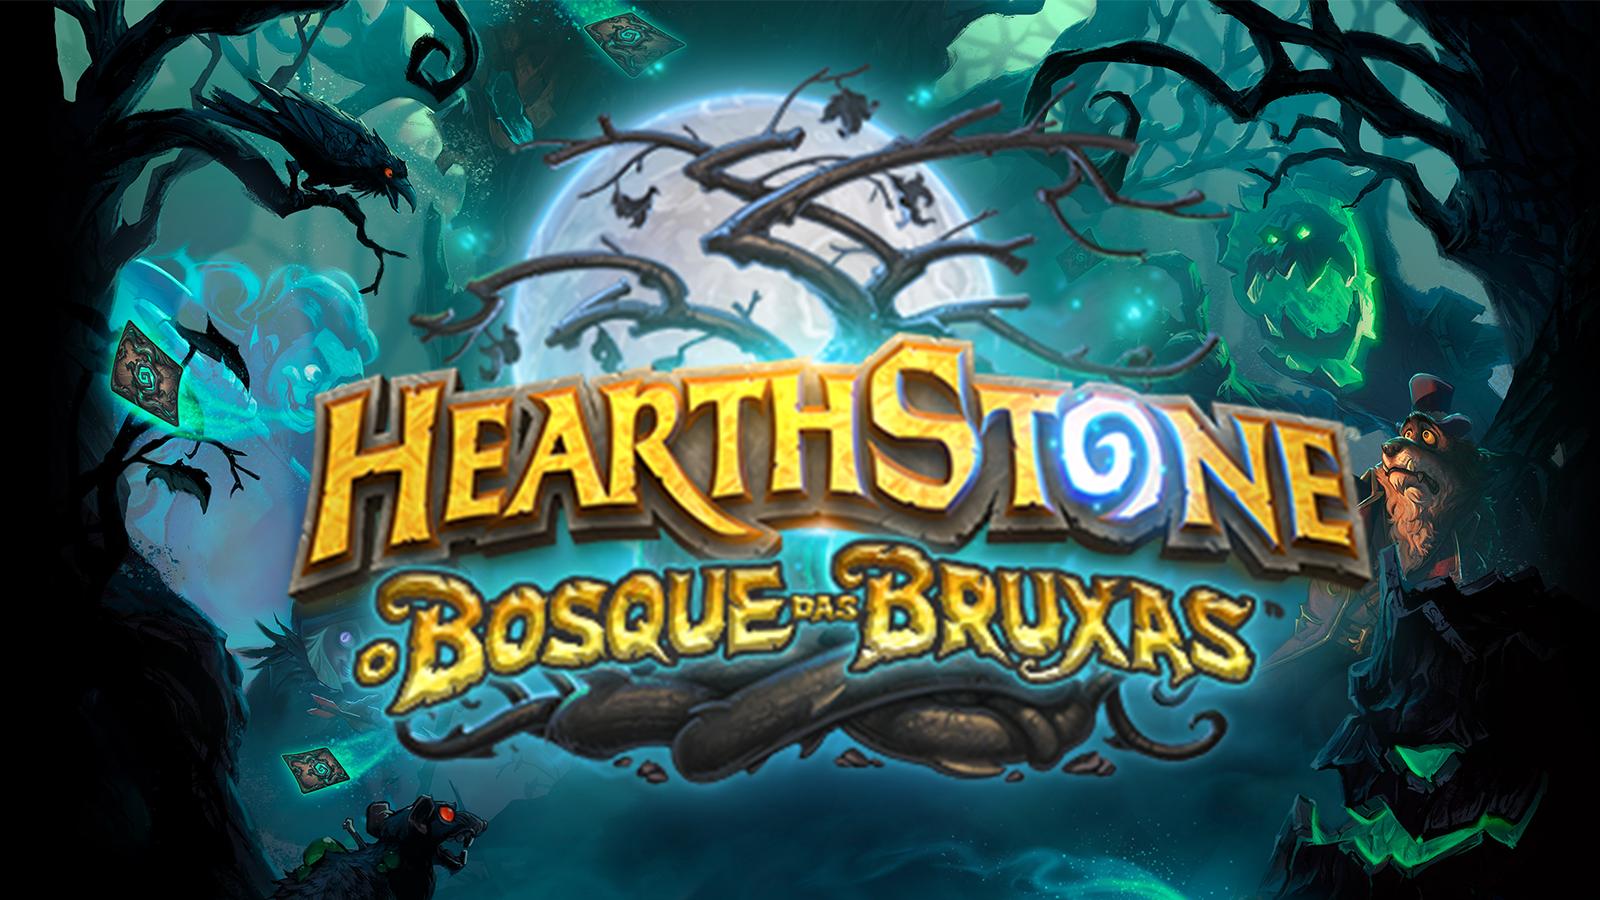 Hearthstone - Bosque das Bruxas - Topo